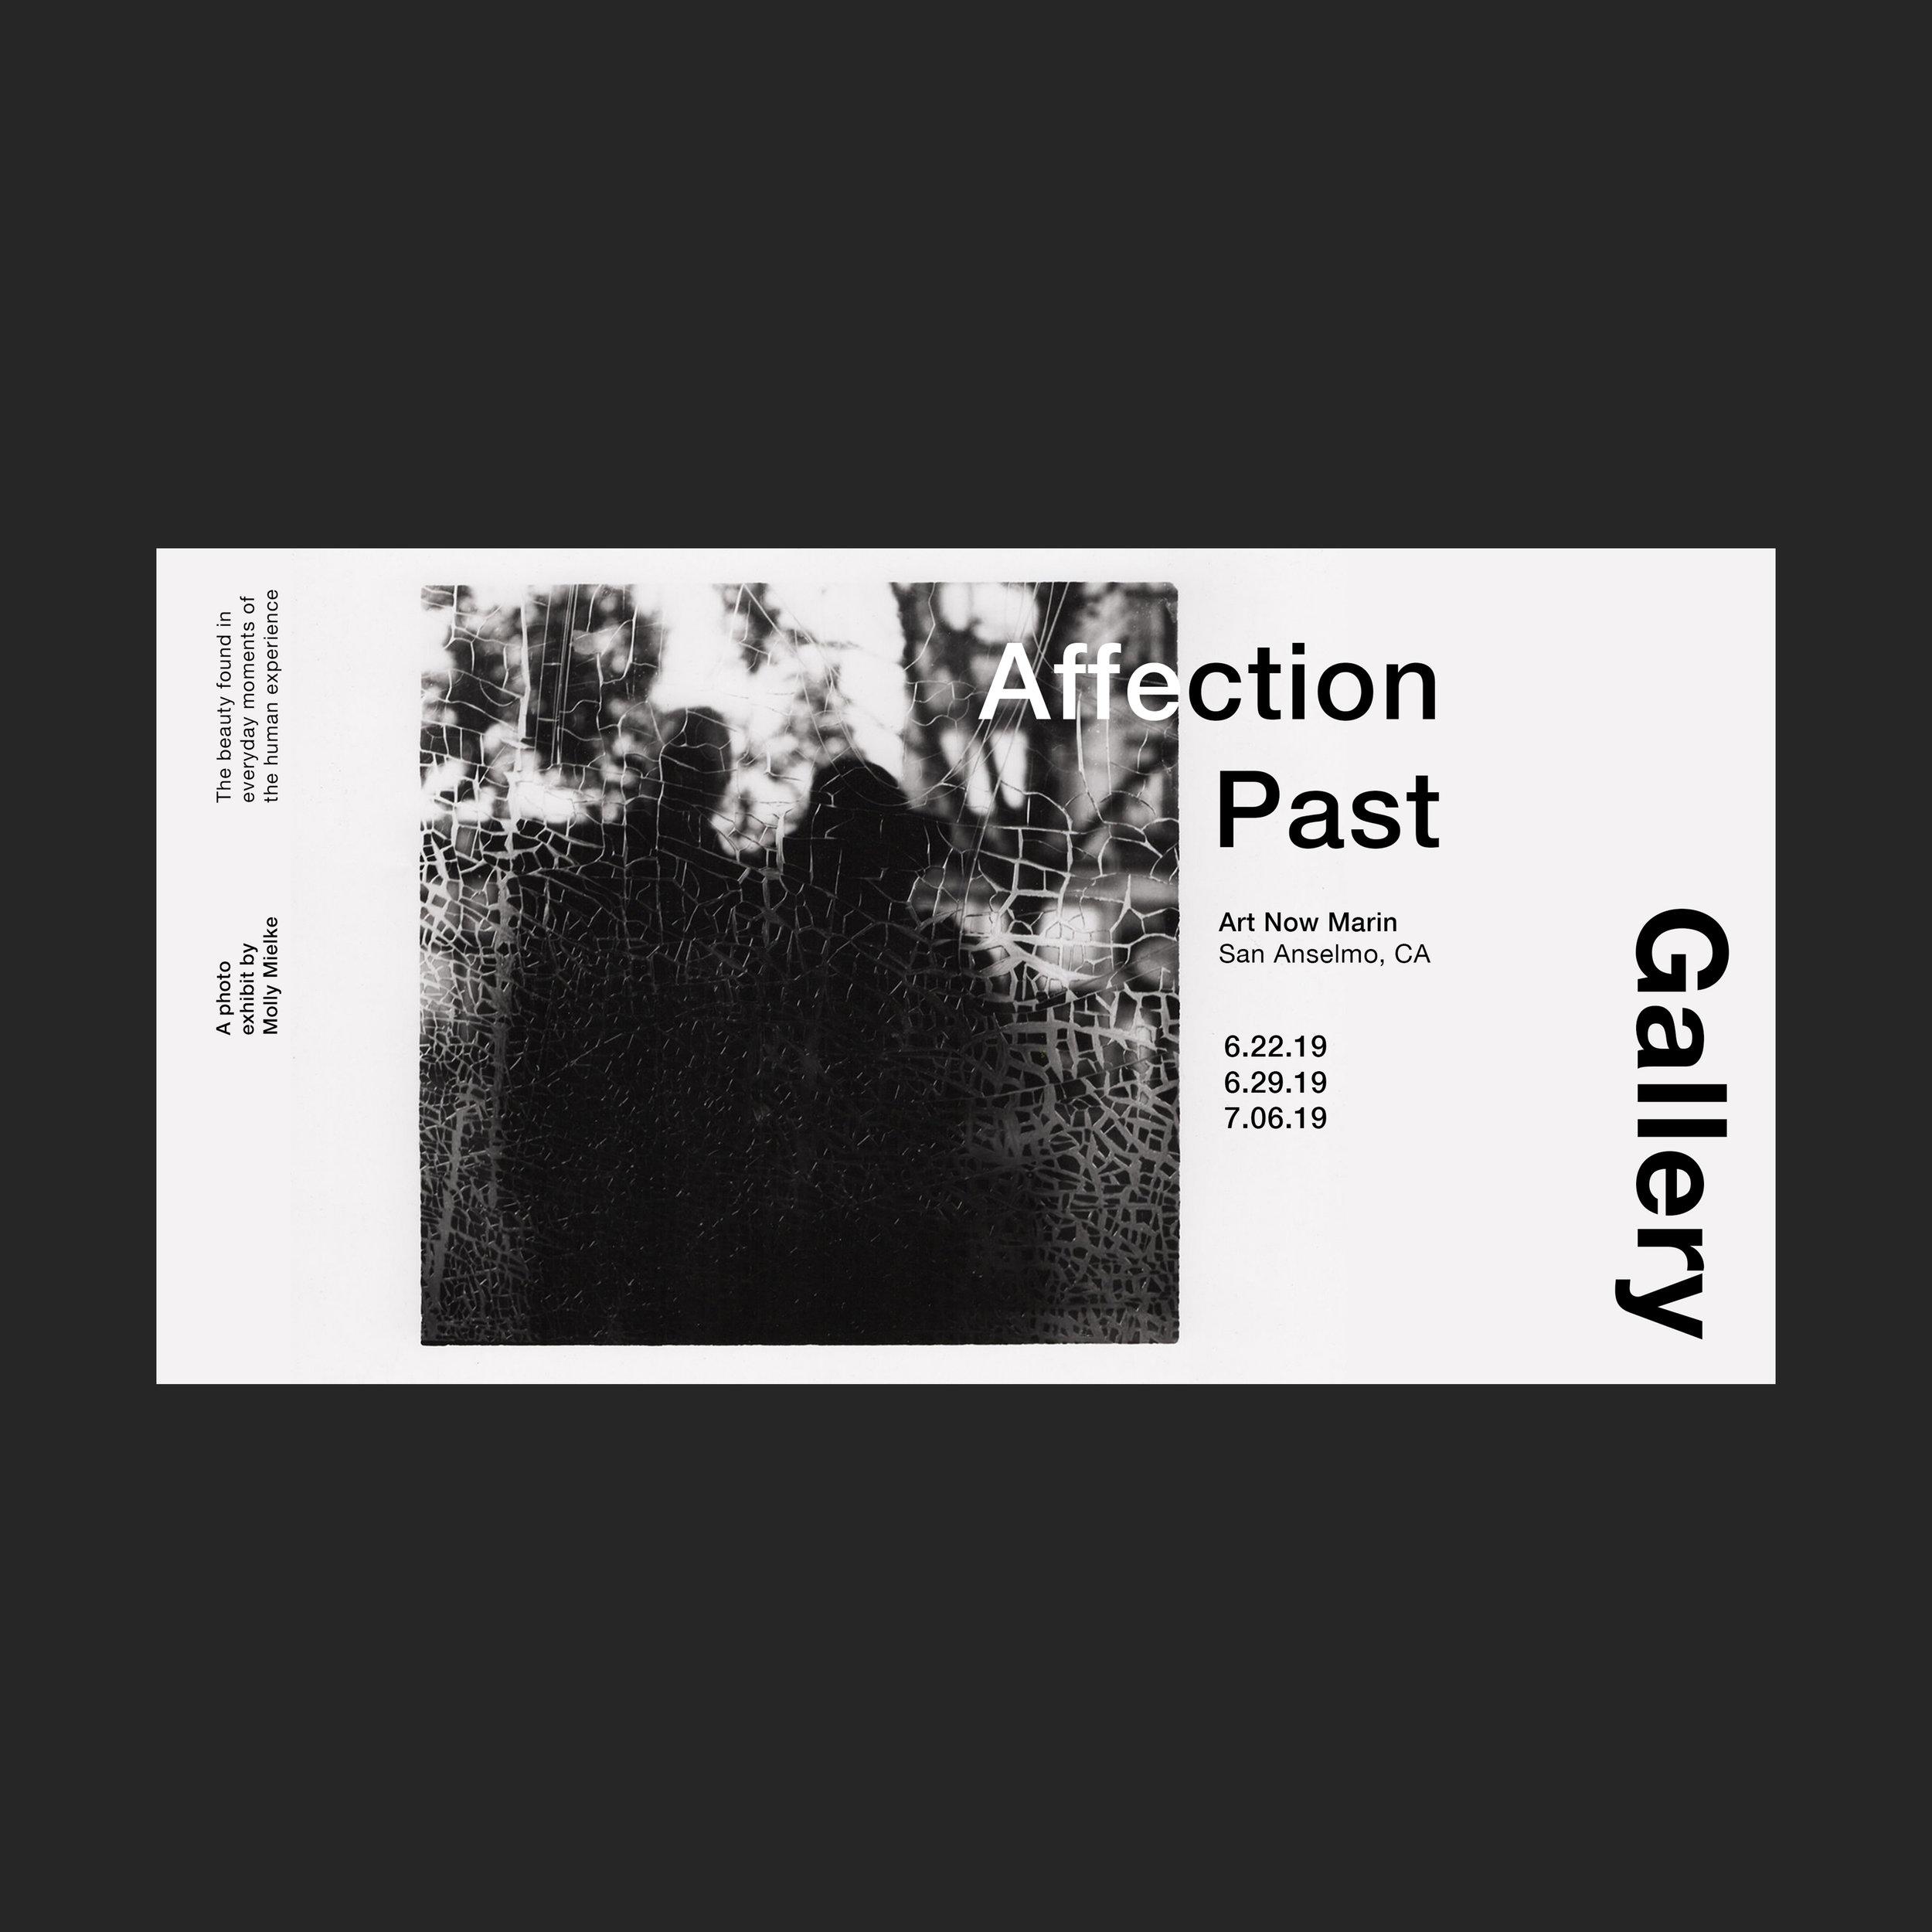 affection past poster mockup .jpg